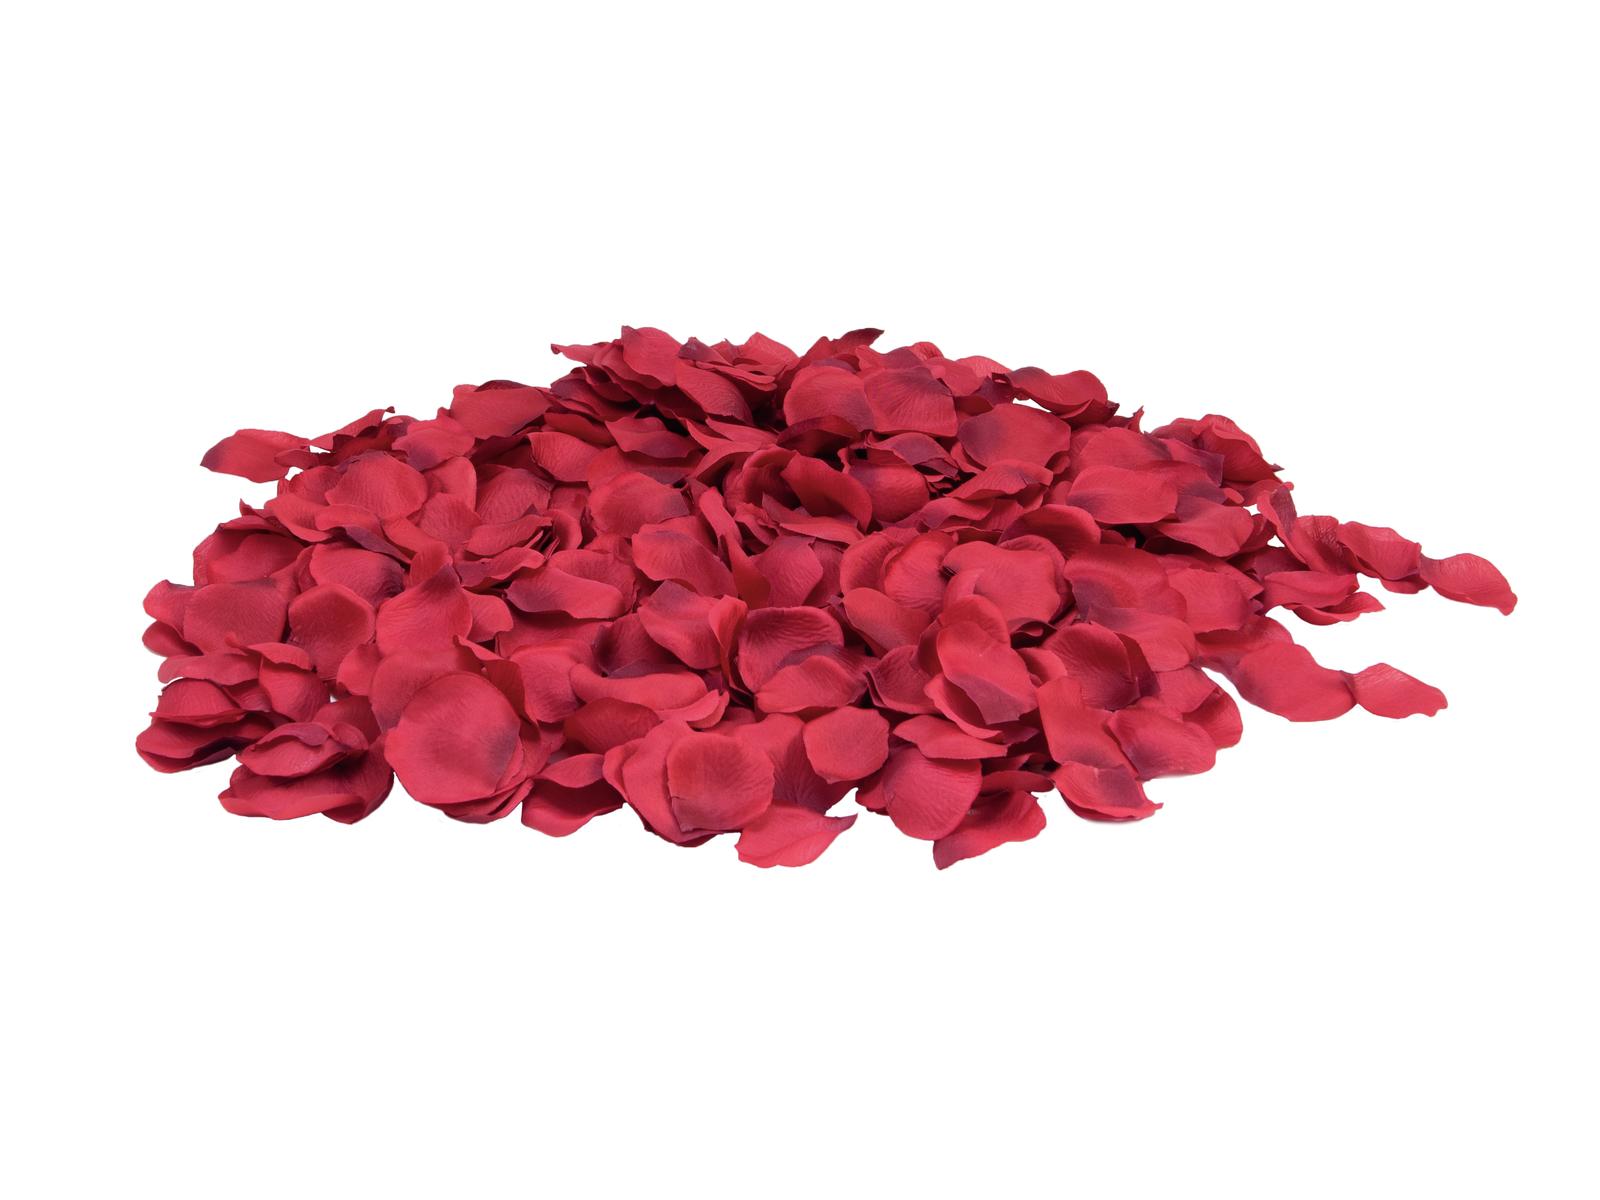 Okvětní lístky růže, červené, 500 ks